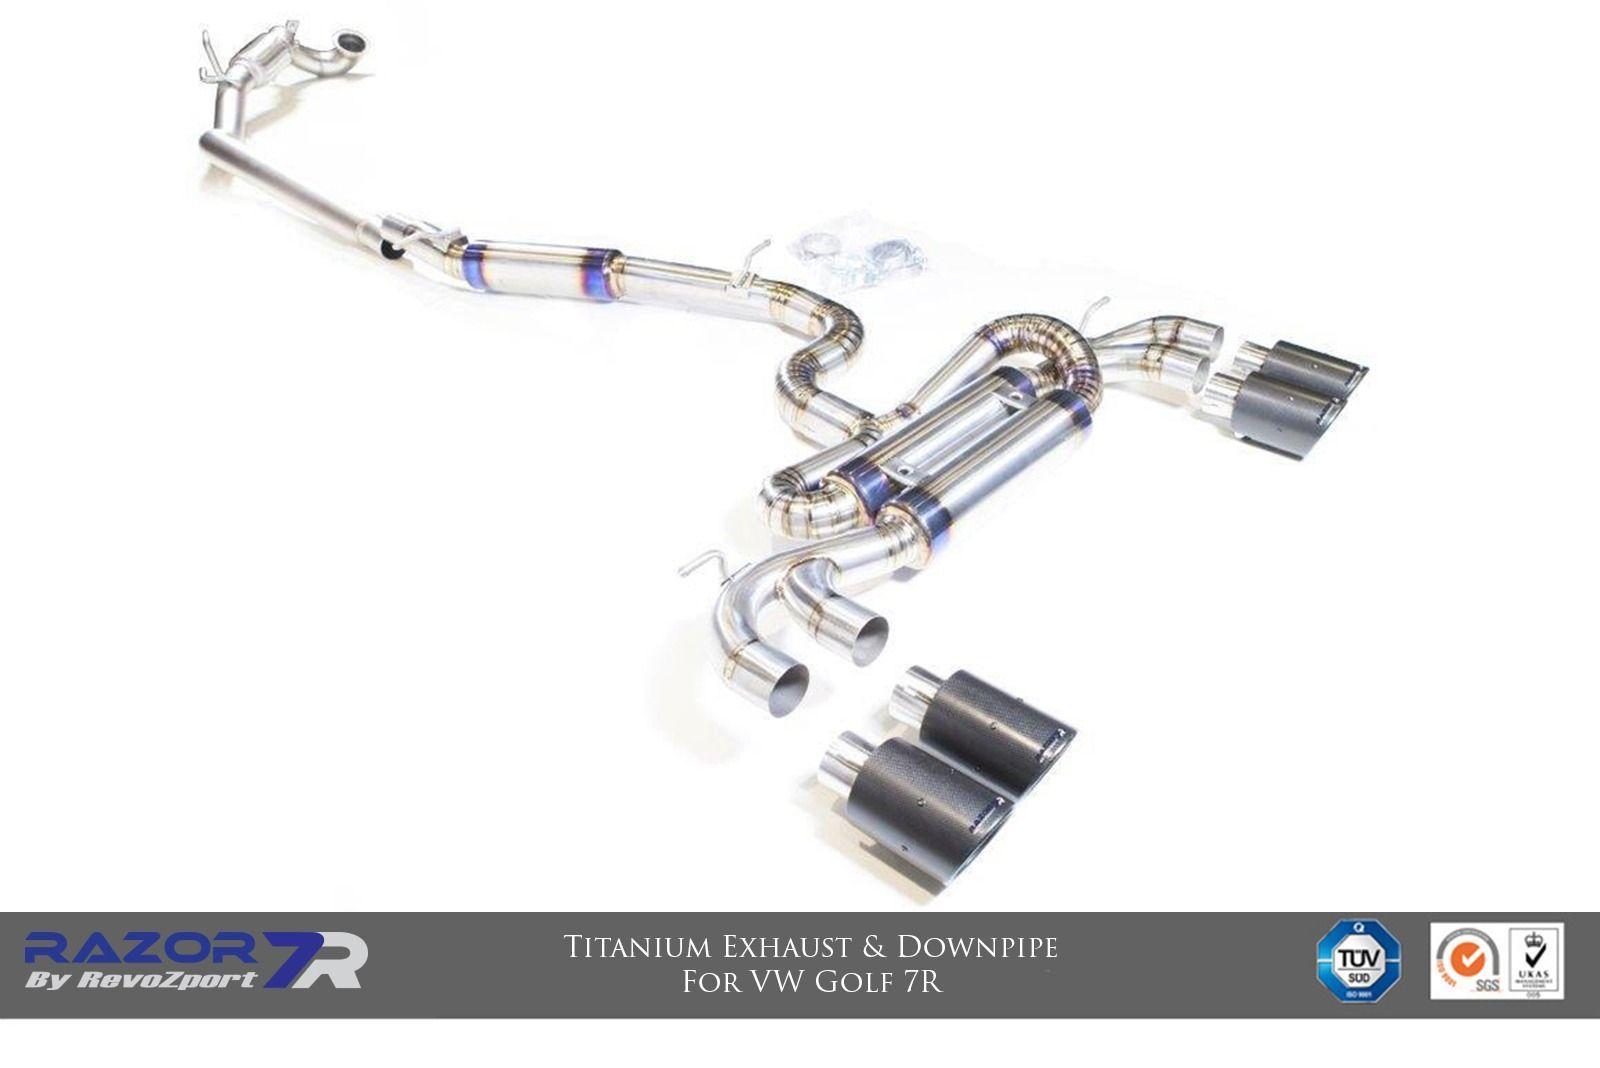 Razor 7r Titanium Exhaust System Revozport